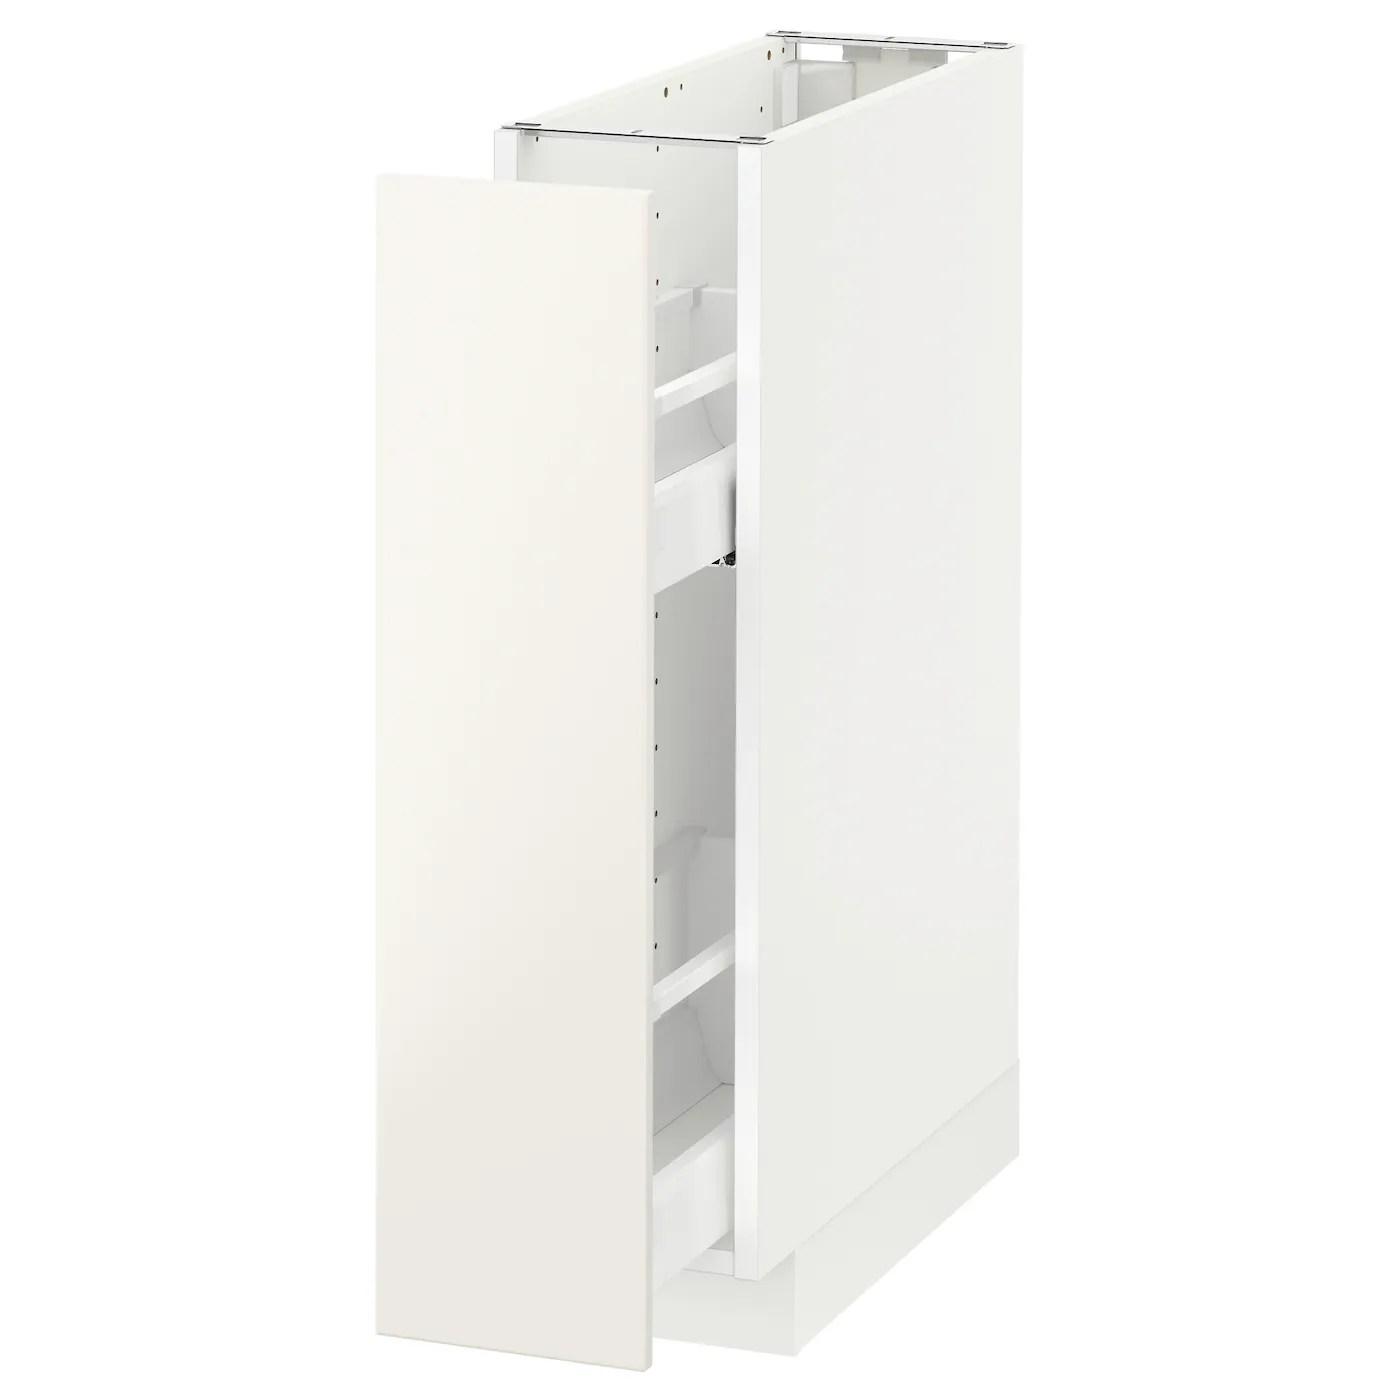 Mobili da cucina al miglior prezzo. Metod Mobile Base E Accessori Estraibili Bianco Veddinge Bianco 20x60 Cm Ikea It